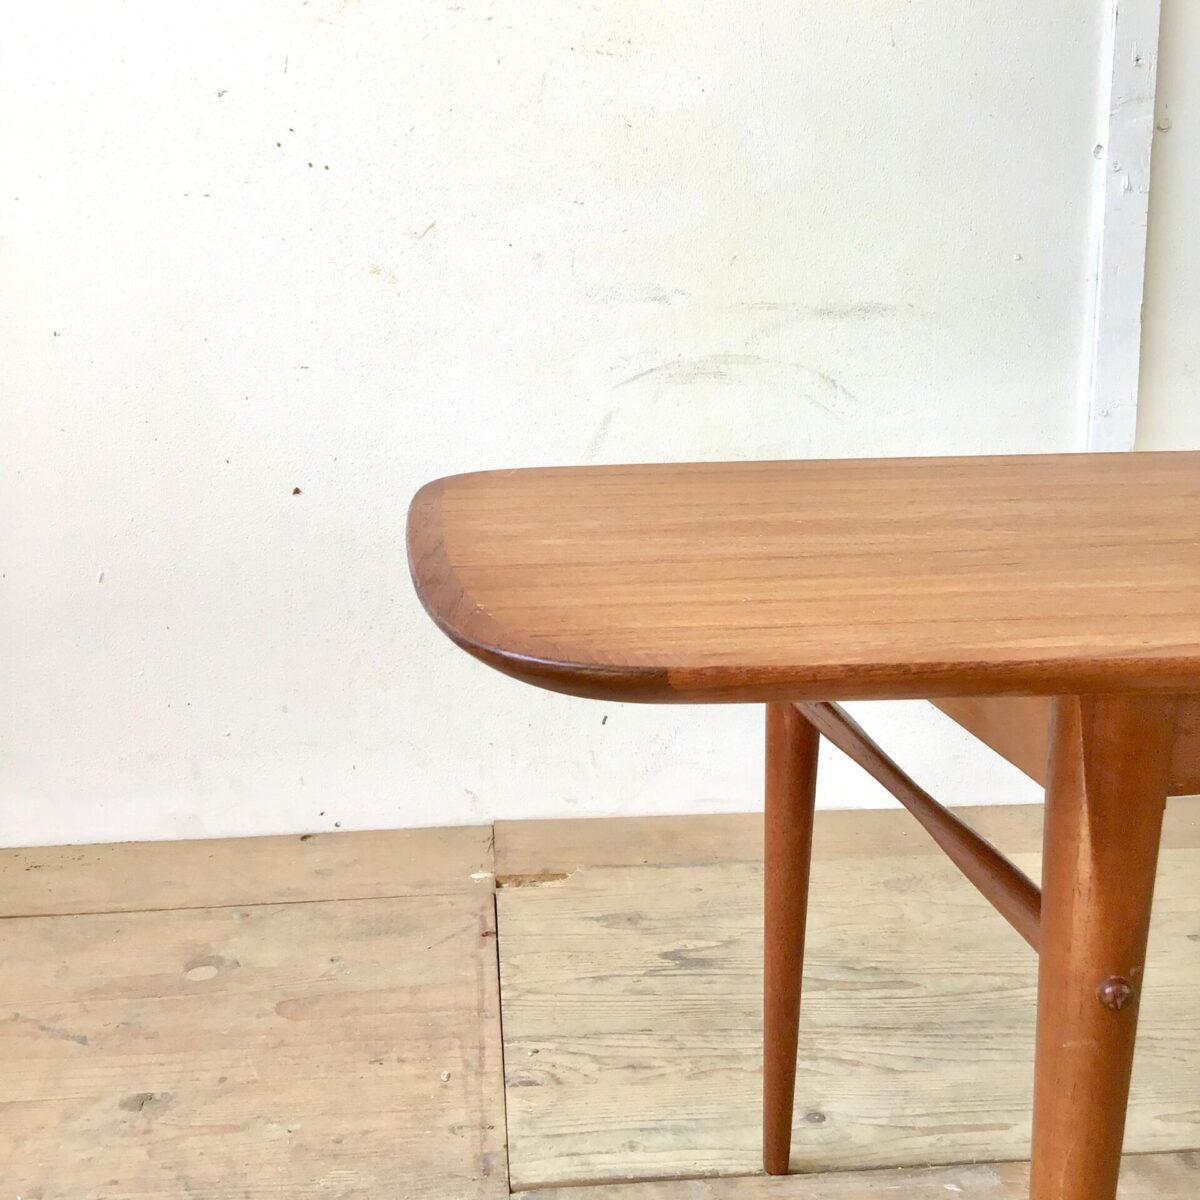 Midcentury teak Salontisch 140cm mal 54cm Höhe 47.5cm. Länglicher coffetable, Tischblatt mit leicht gerundeter Grundform. Furniert mit Vollholz Kanten. Konische Tischbeine mit filigranen quer Verstrebungen.